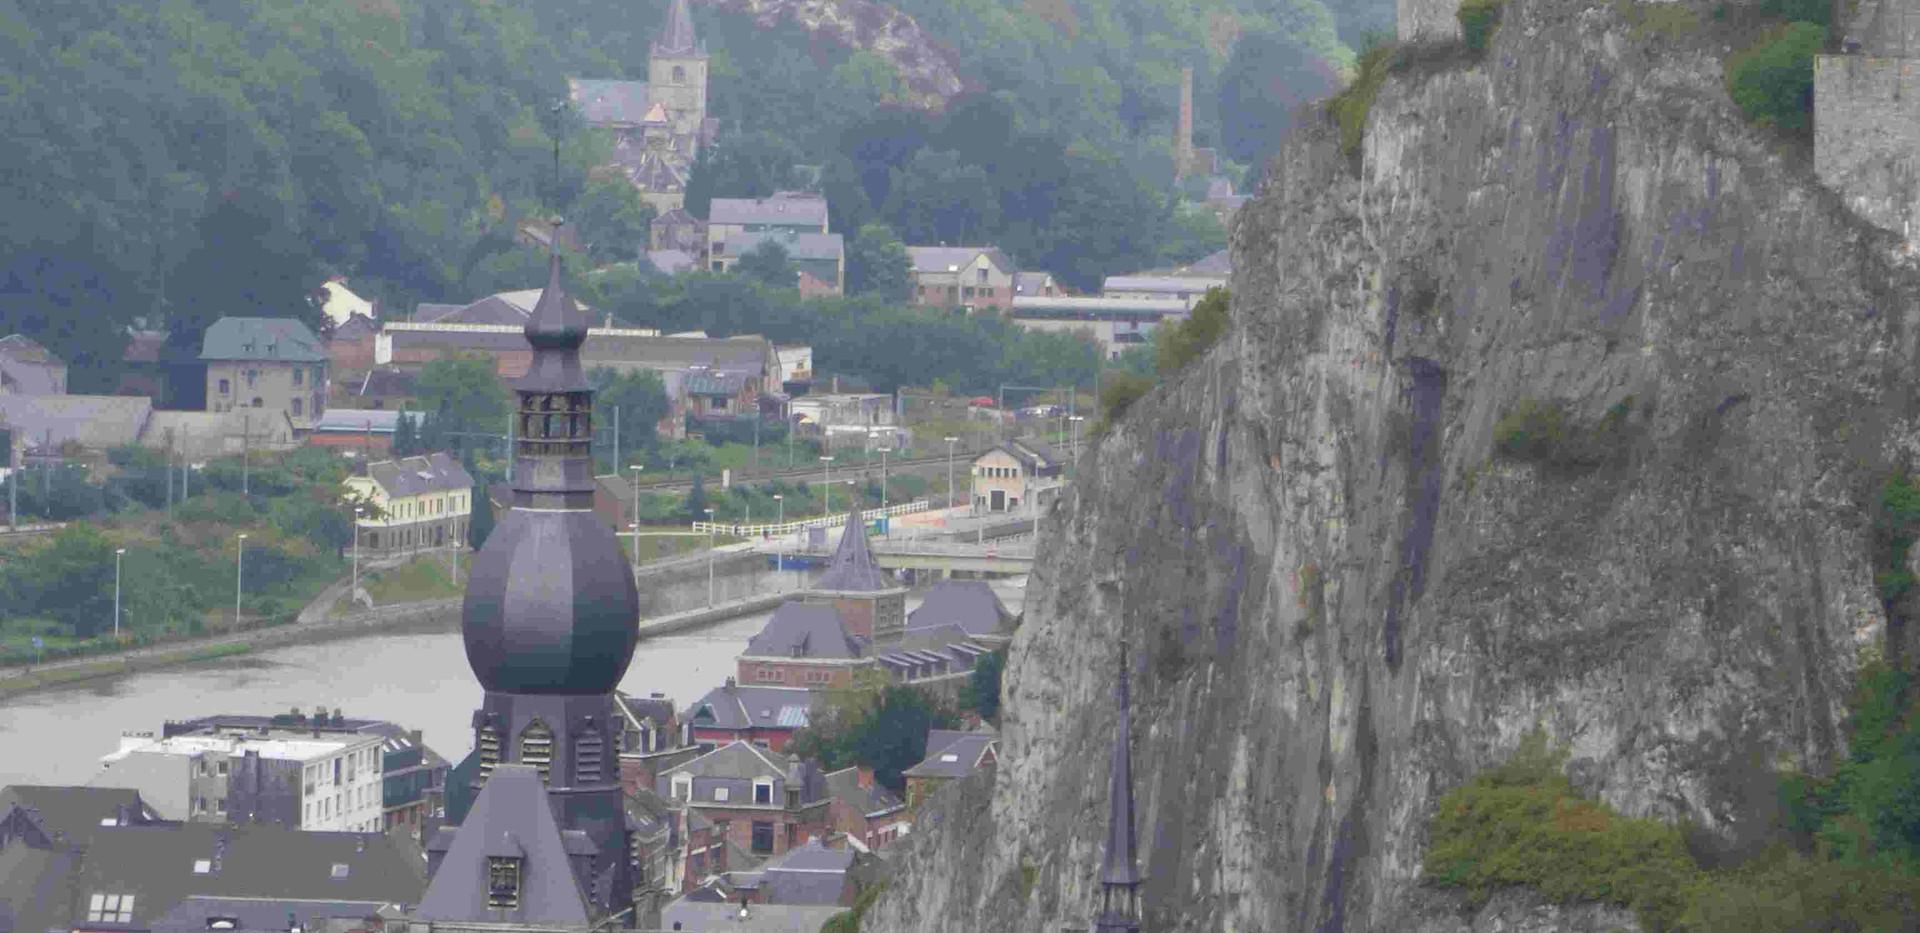 Point de vue unique sur Dinant ... sans aller à la citadelle !